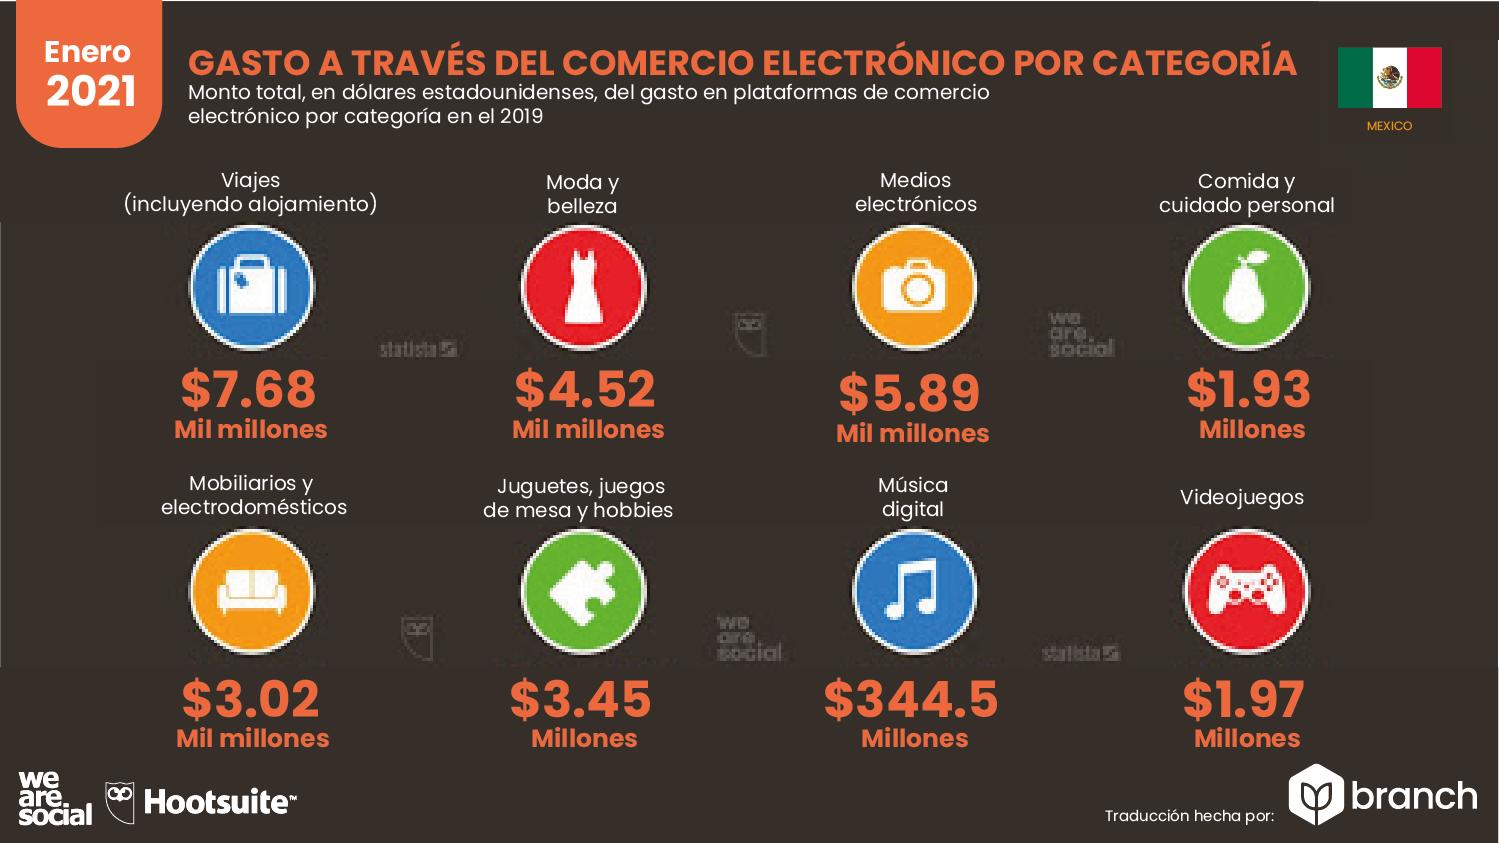 gastos-en-compras-ecommerce-mexico-2020-2021